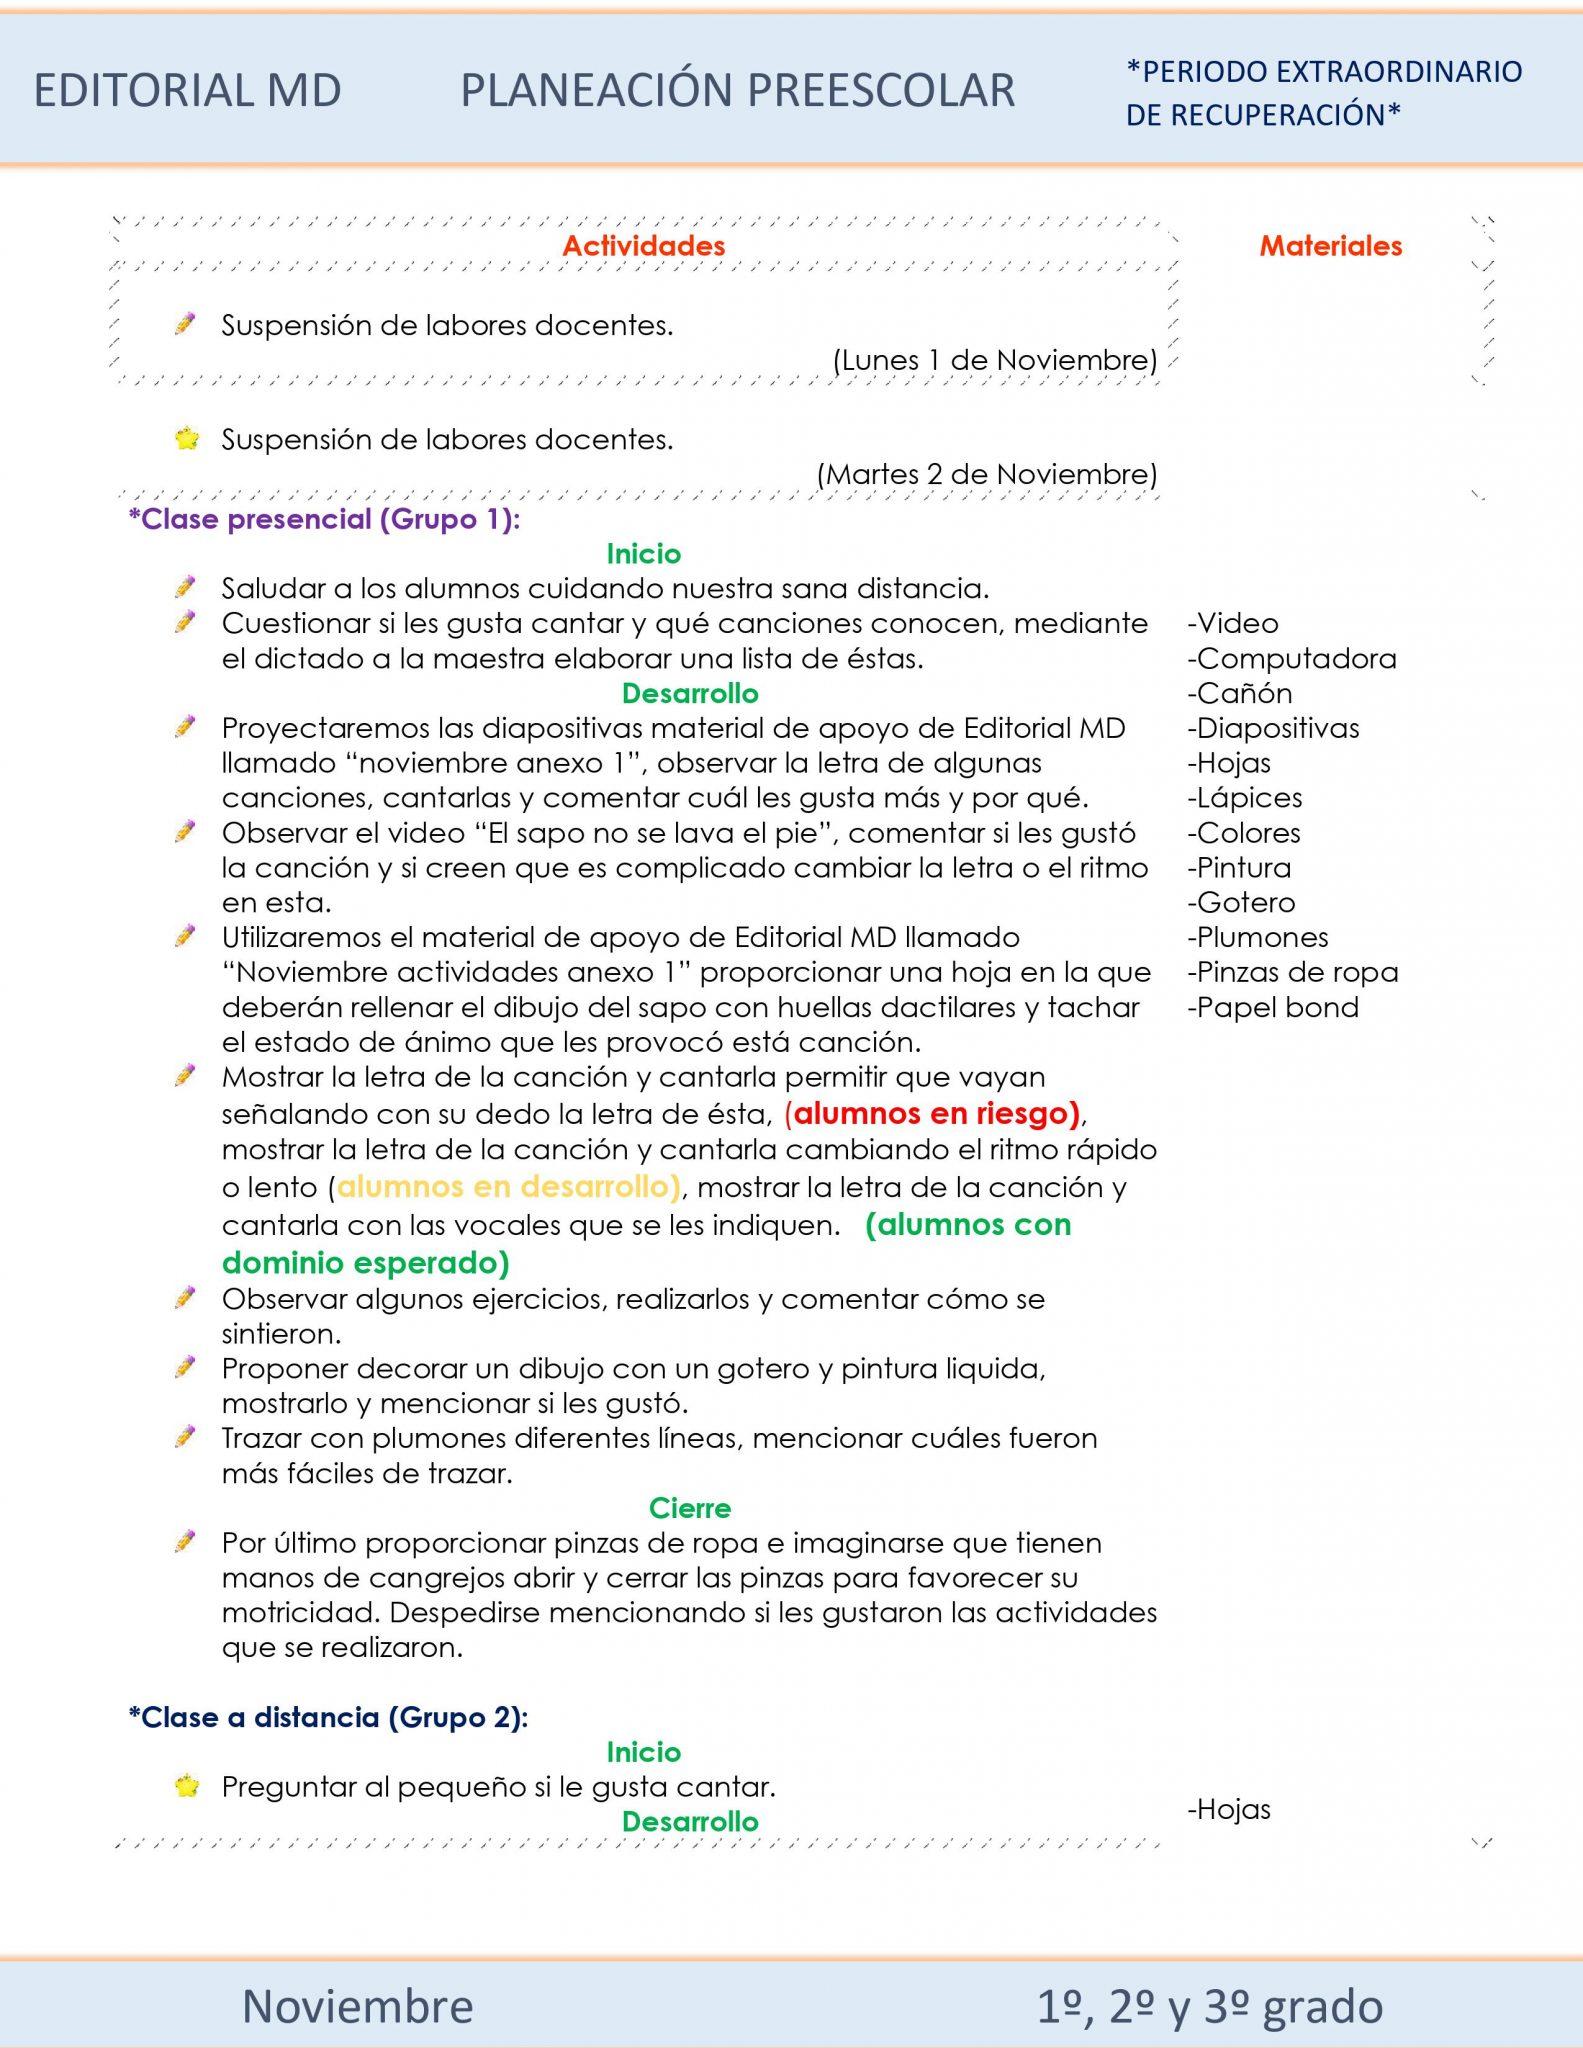 Planeación de preescolar híbrida (Noviembre) 02